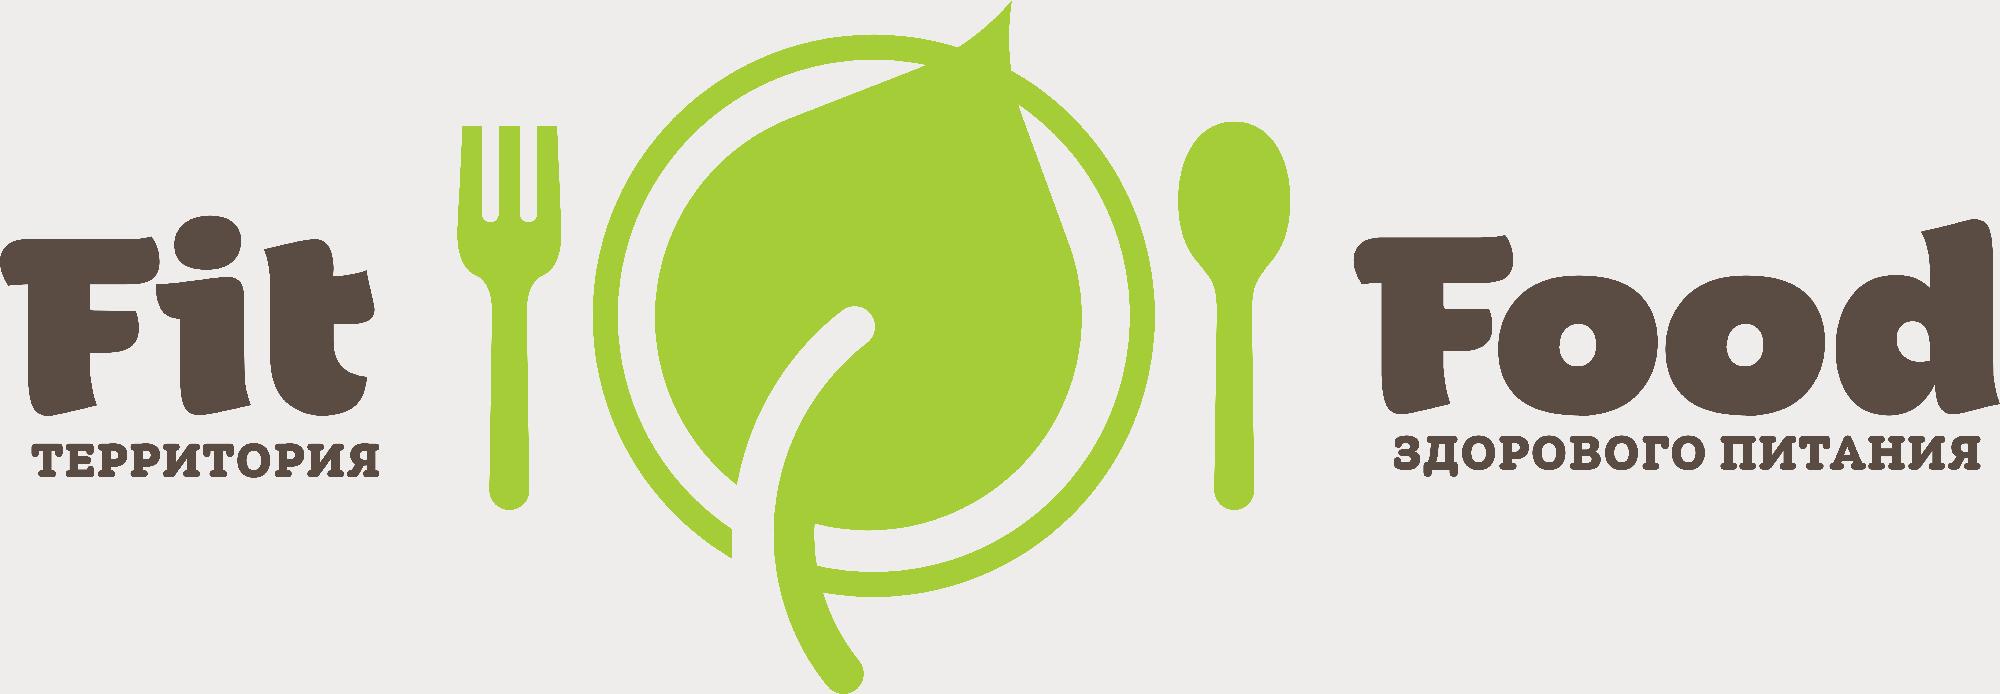 FitFoodPro - доставка готовой еды на дом в Нижневартовске